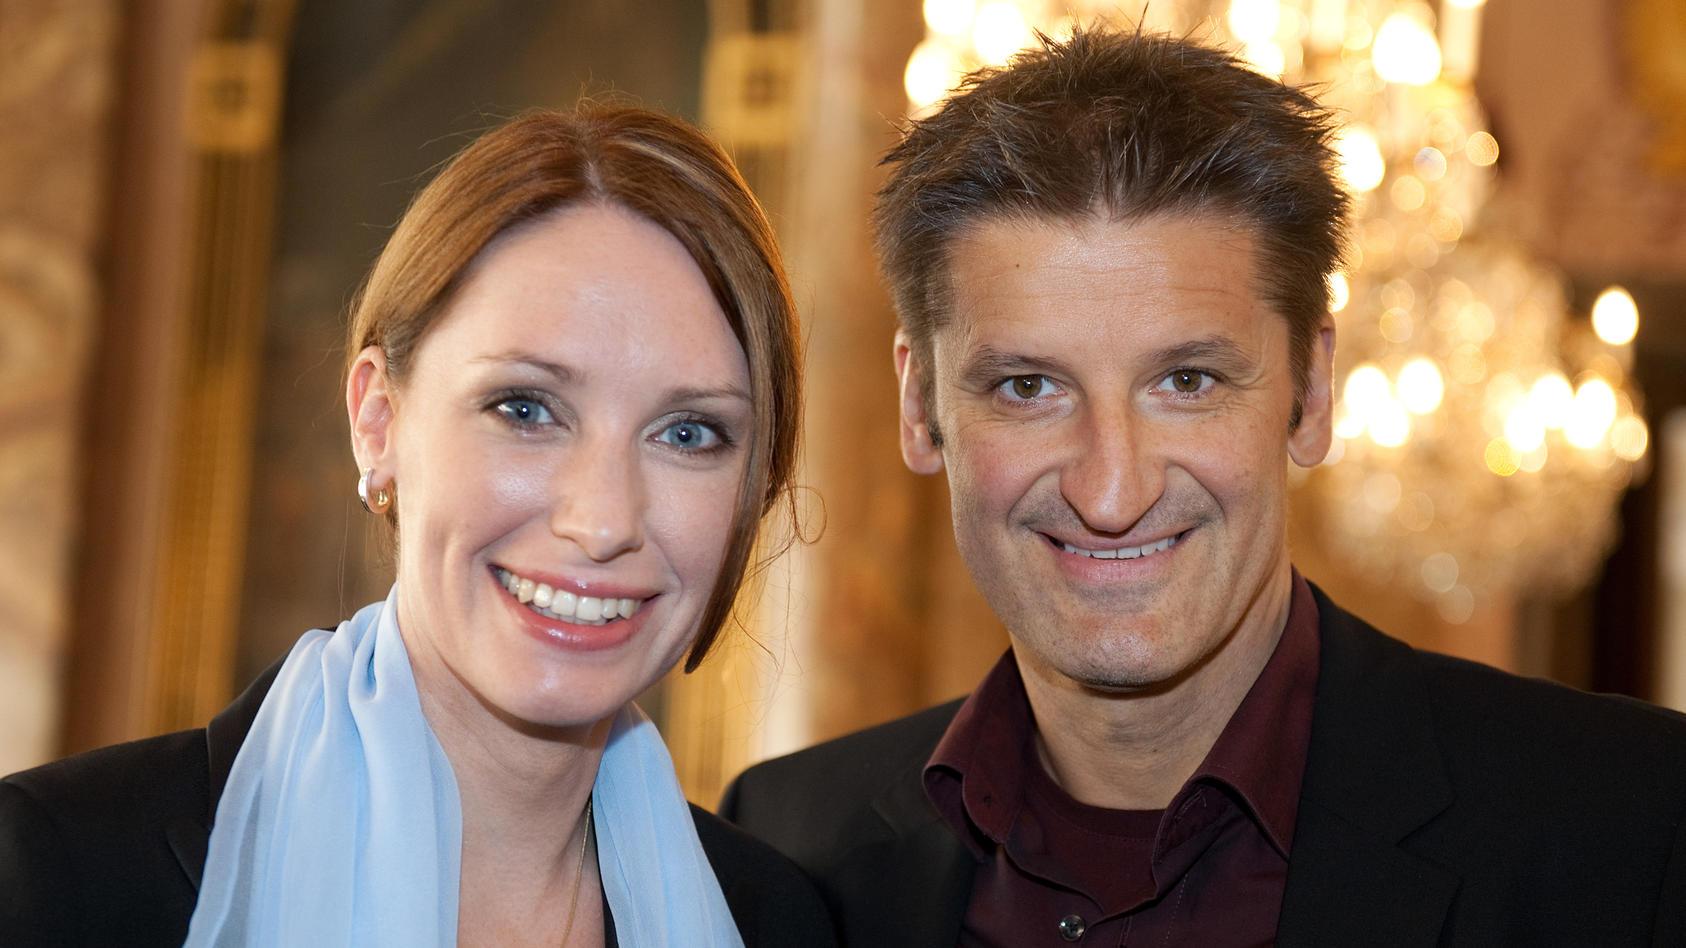 Hartmut Engler und seine Verlobte Katrin treten nicht vor den Traualtar